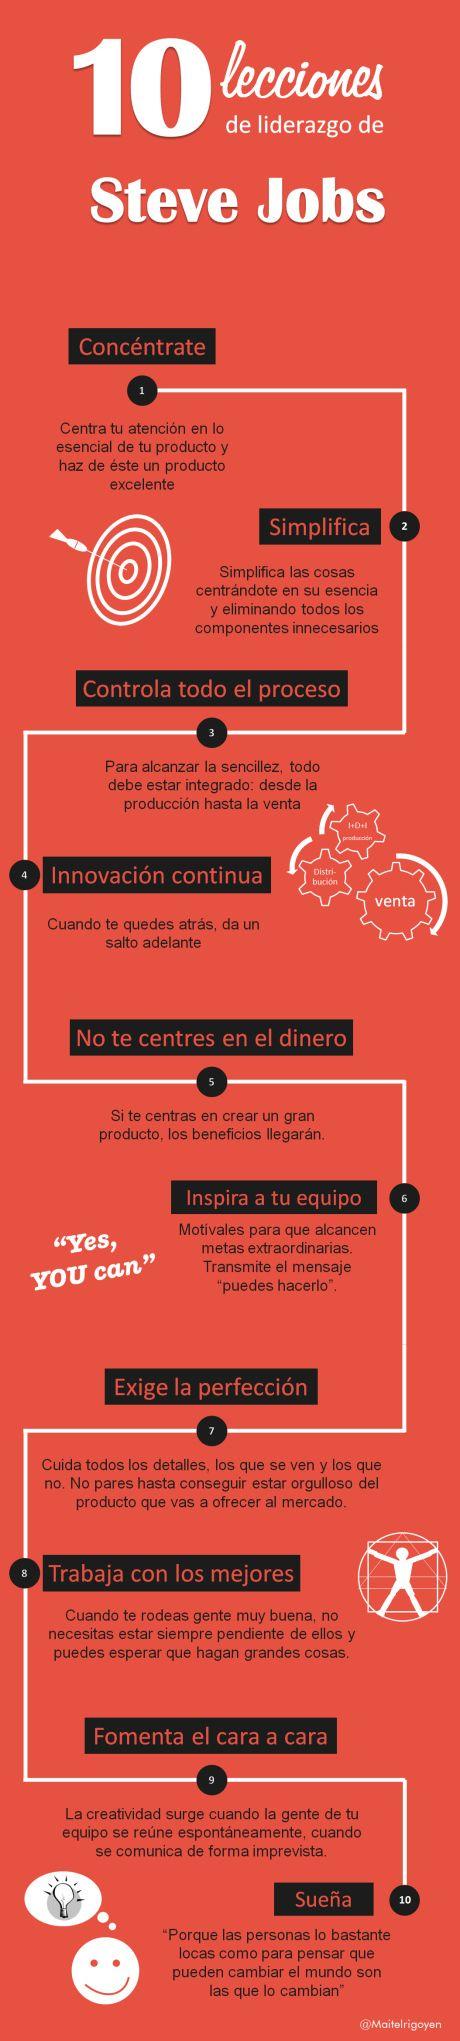 12 lecciones de liderazgo de Steve Jobs #infografia #infographic